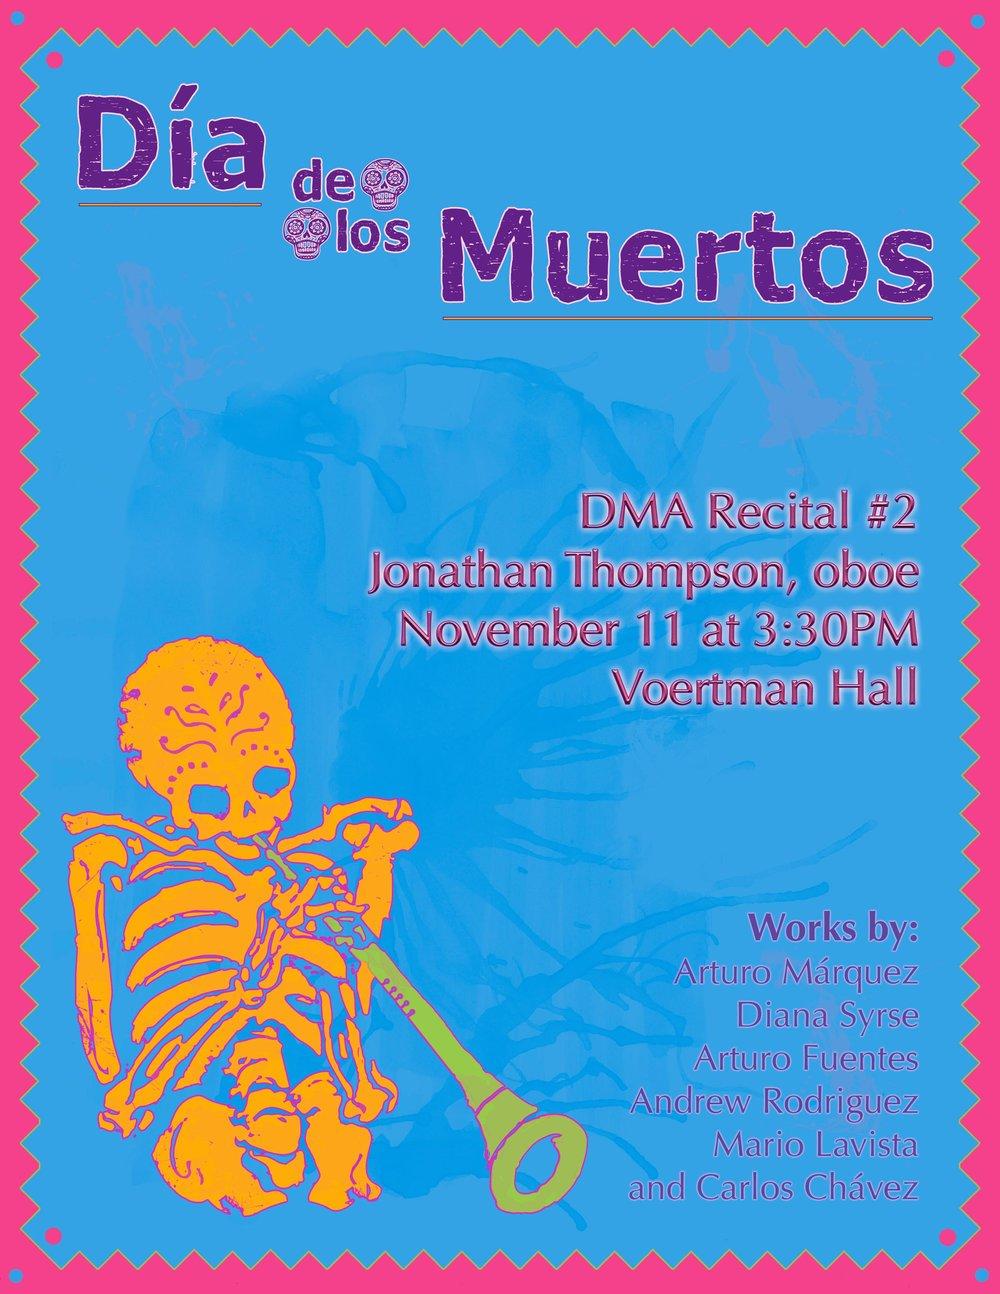 DMA Recital #2: Día de los Muertos